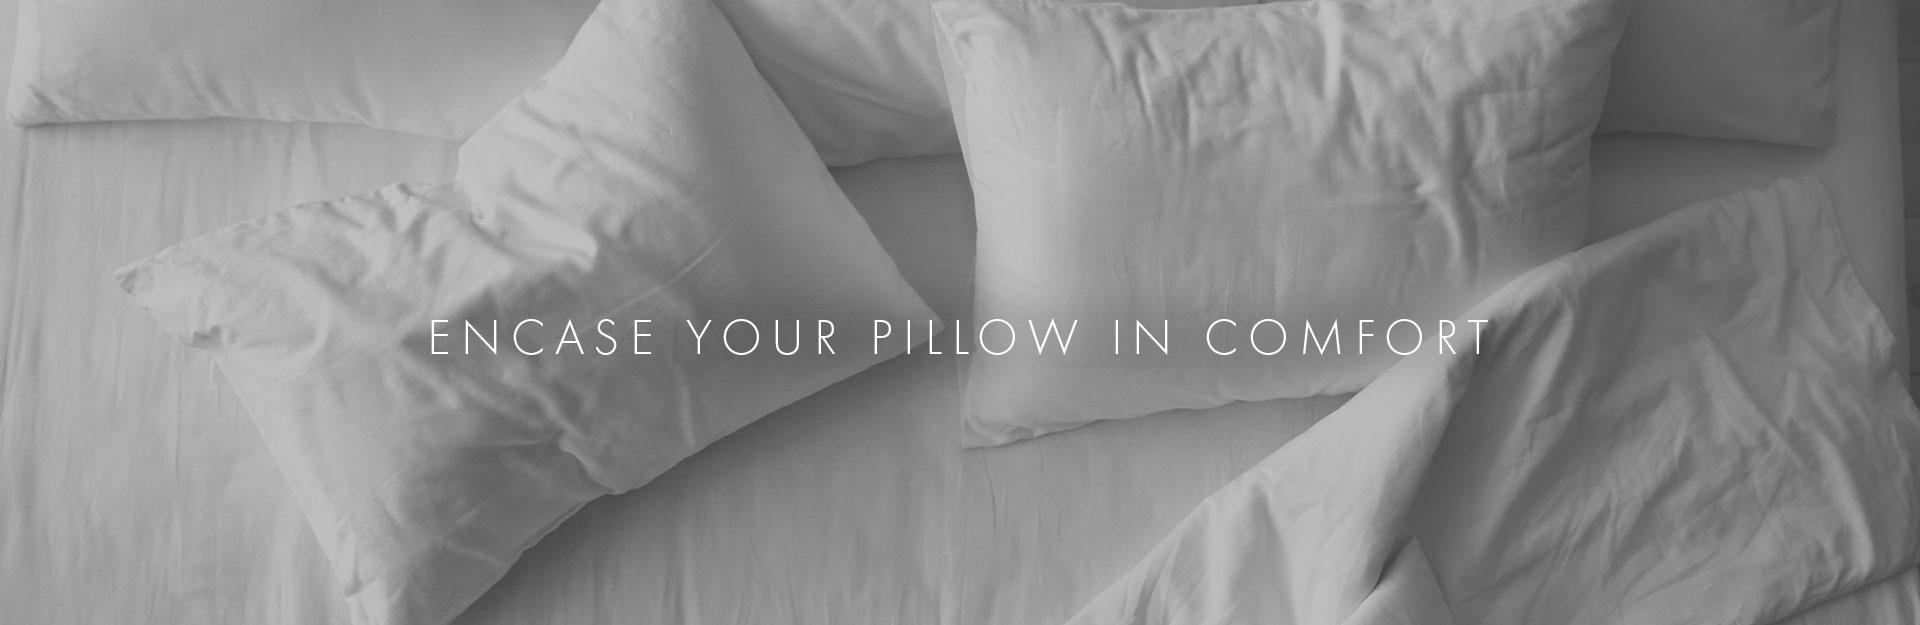 pillowsbannerrv.jpg